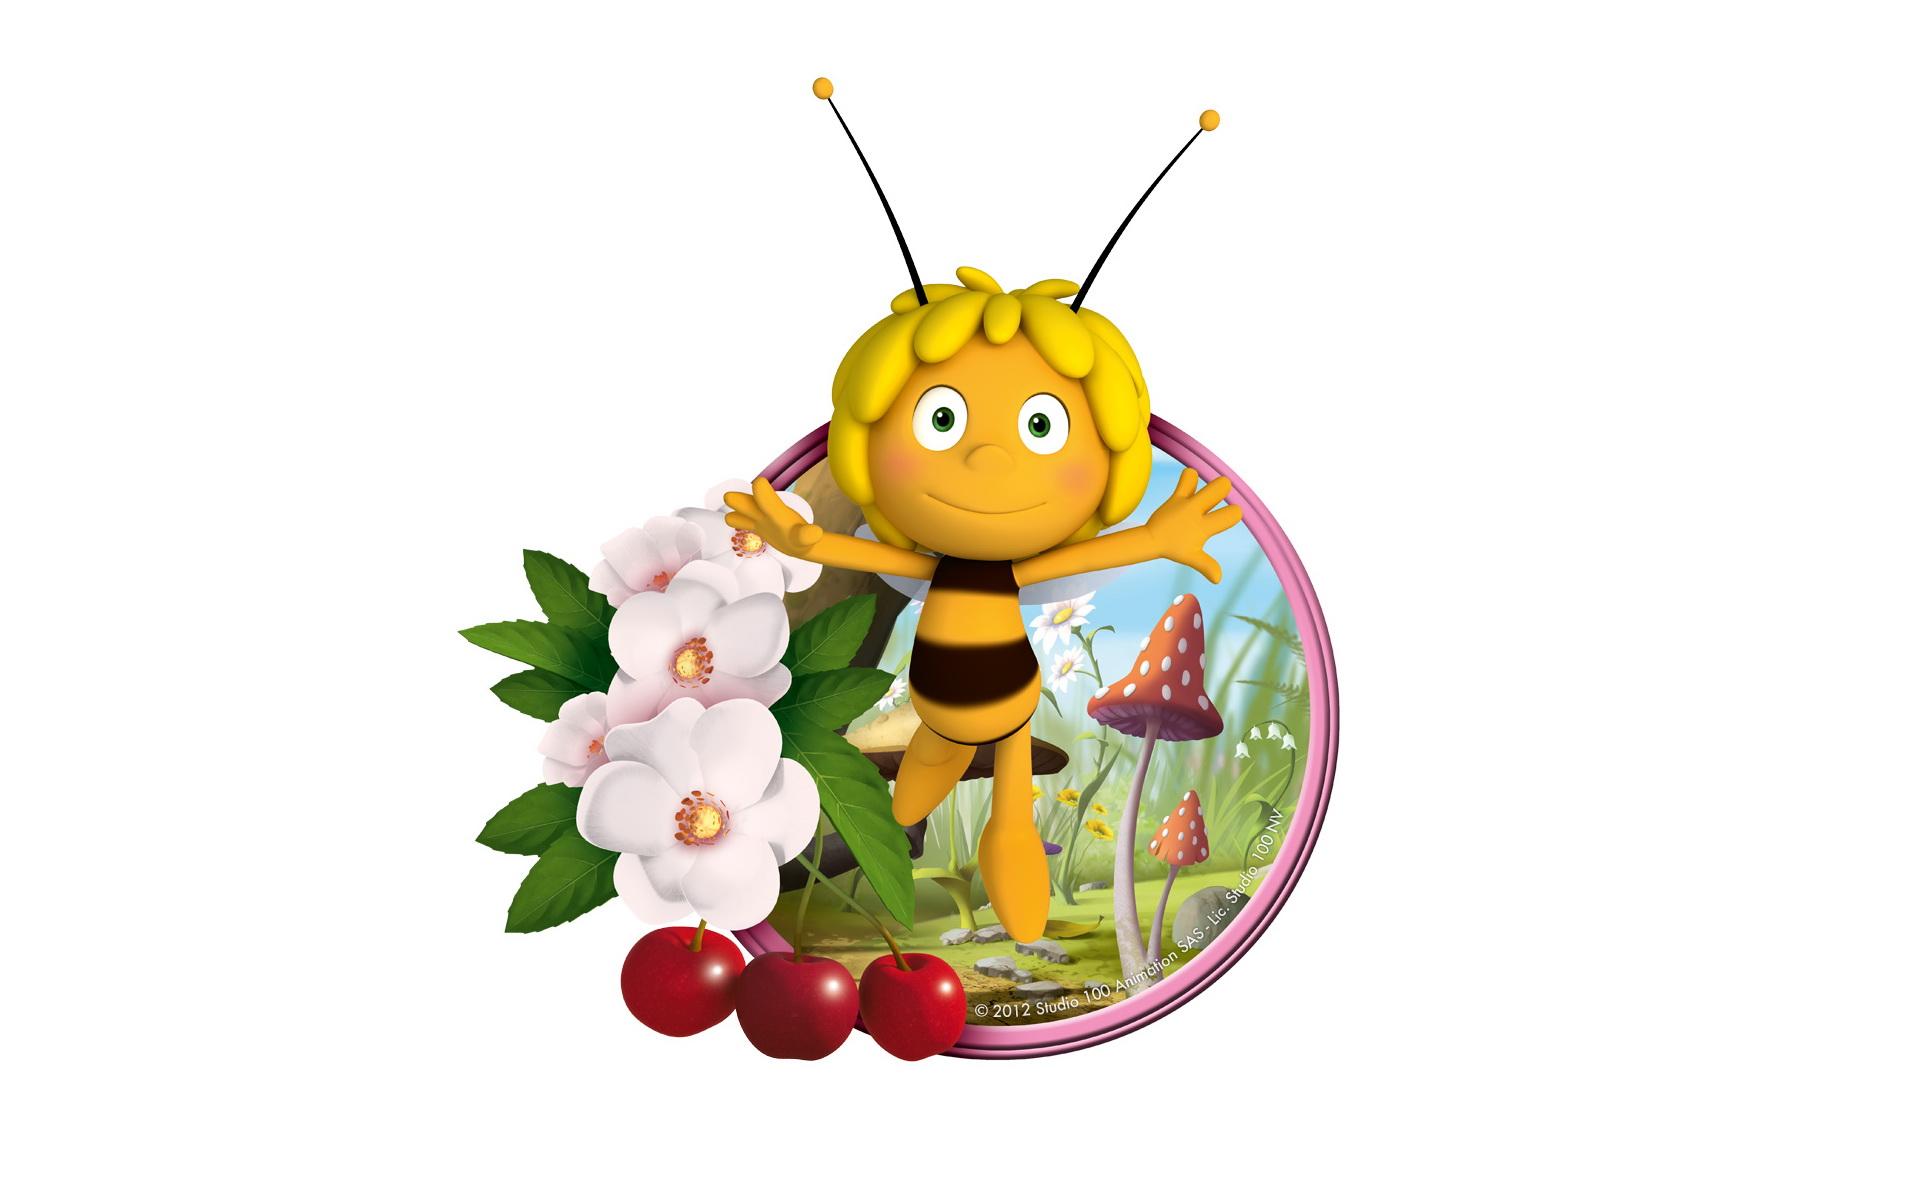 Пчелка майя картинки хорошего качества, днем рождения баба